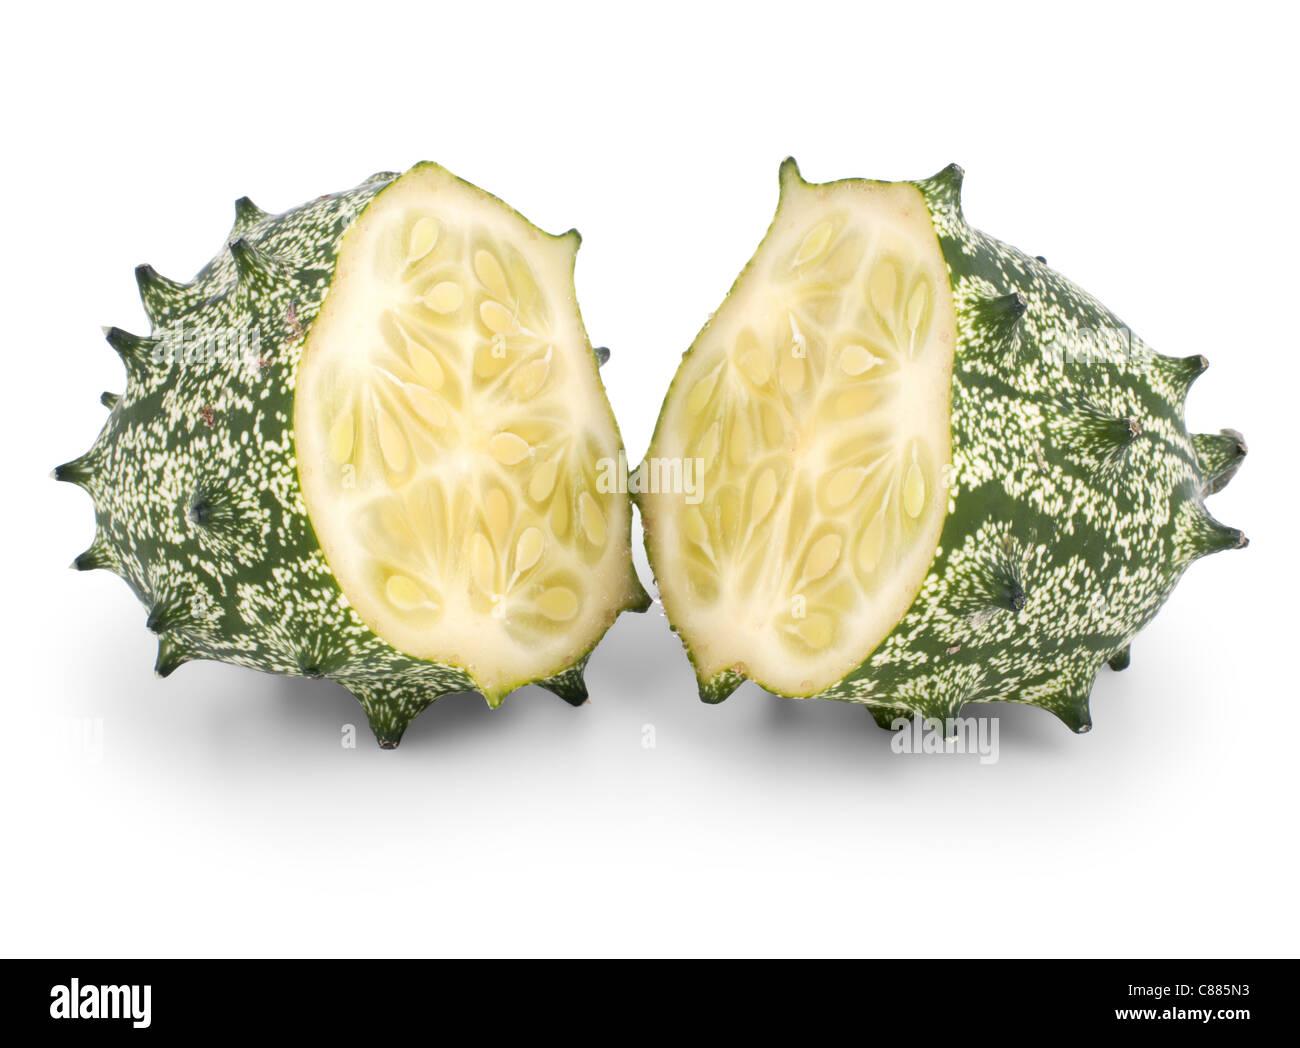 kiwano melon isolated on white background - Stock Image